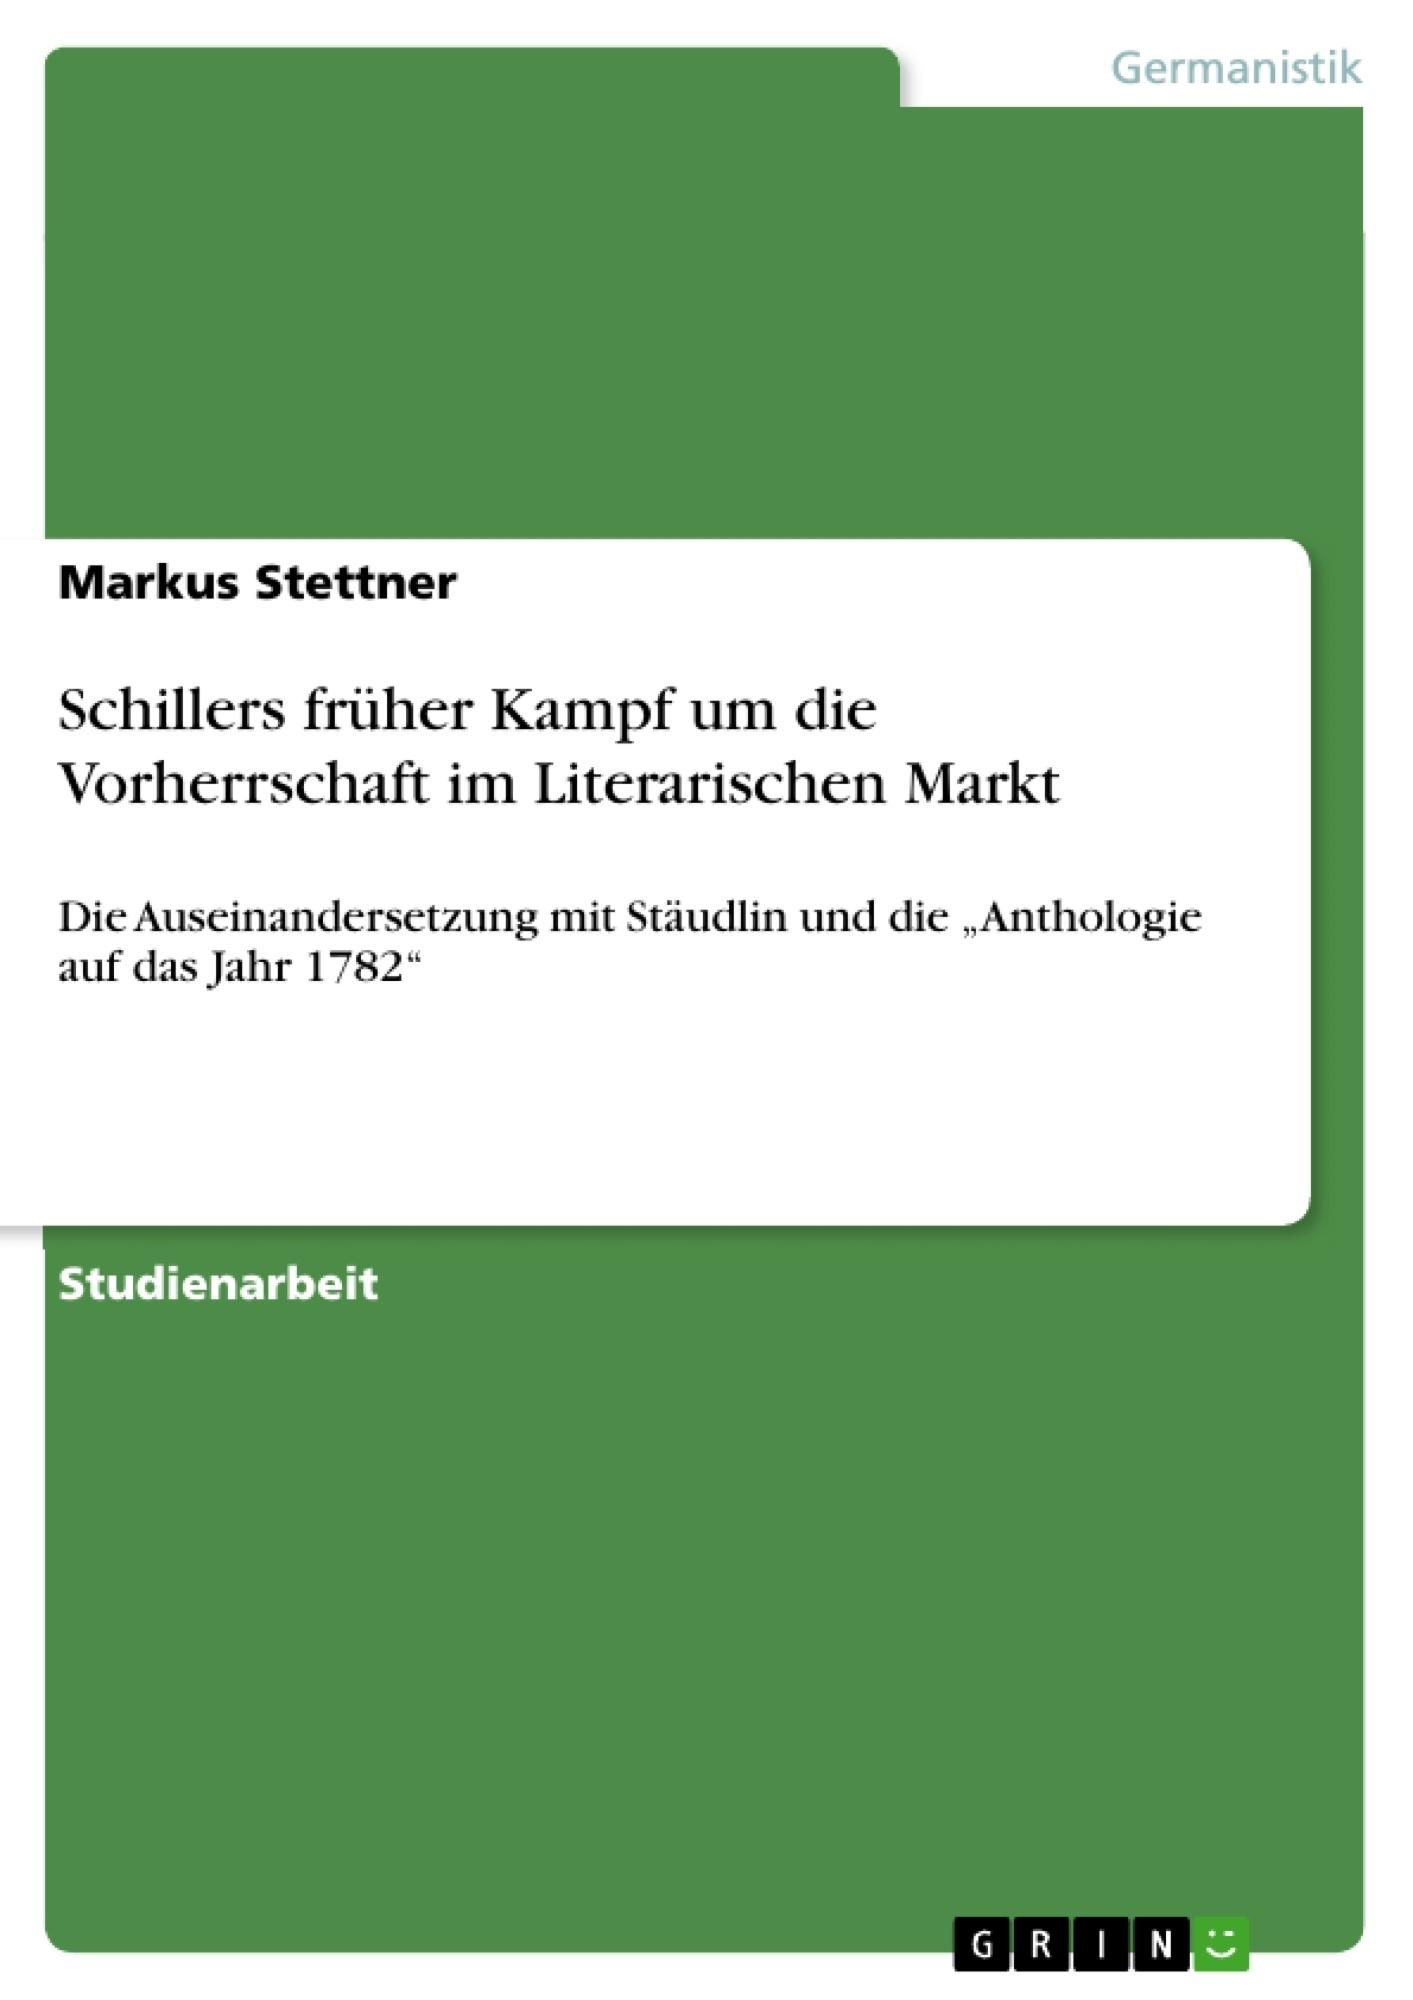 Titel: Schillers früher Kampf um die Vorherrschaft im  Literarischen Markt